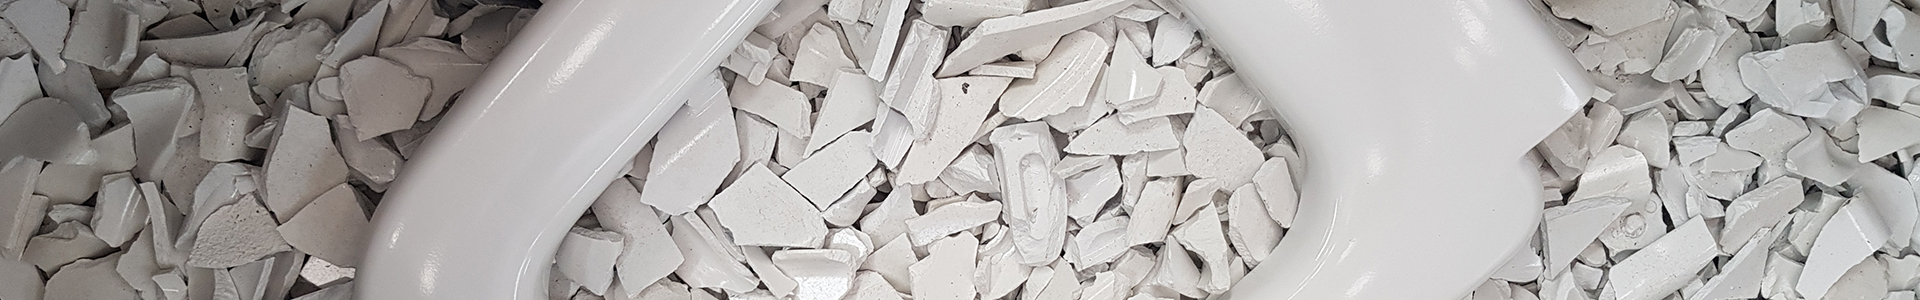 Plástico termoestable en proceso de reciclaje